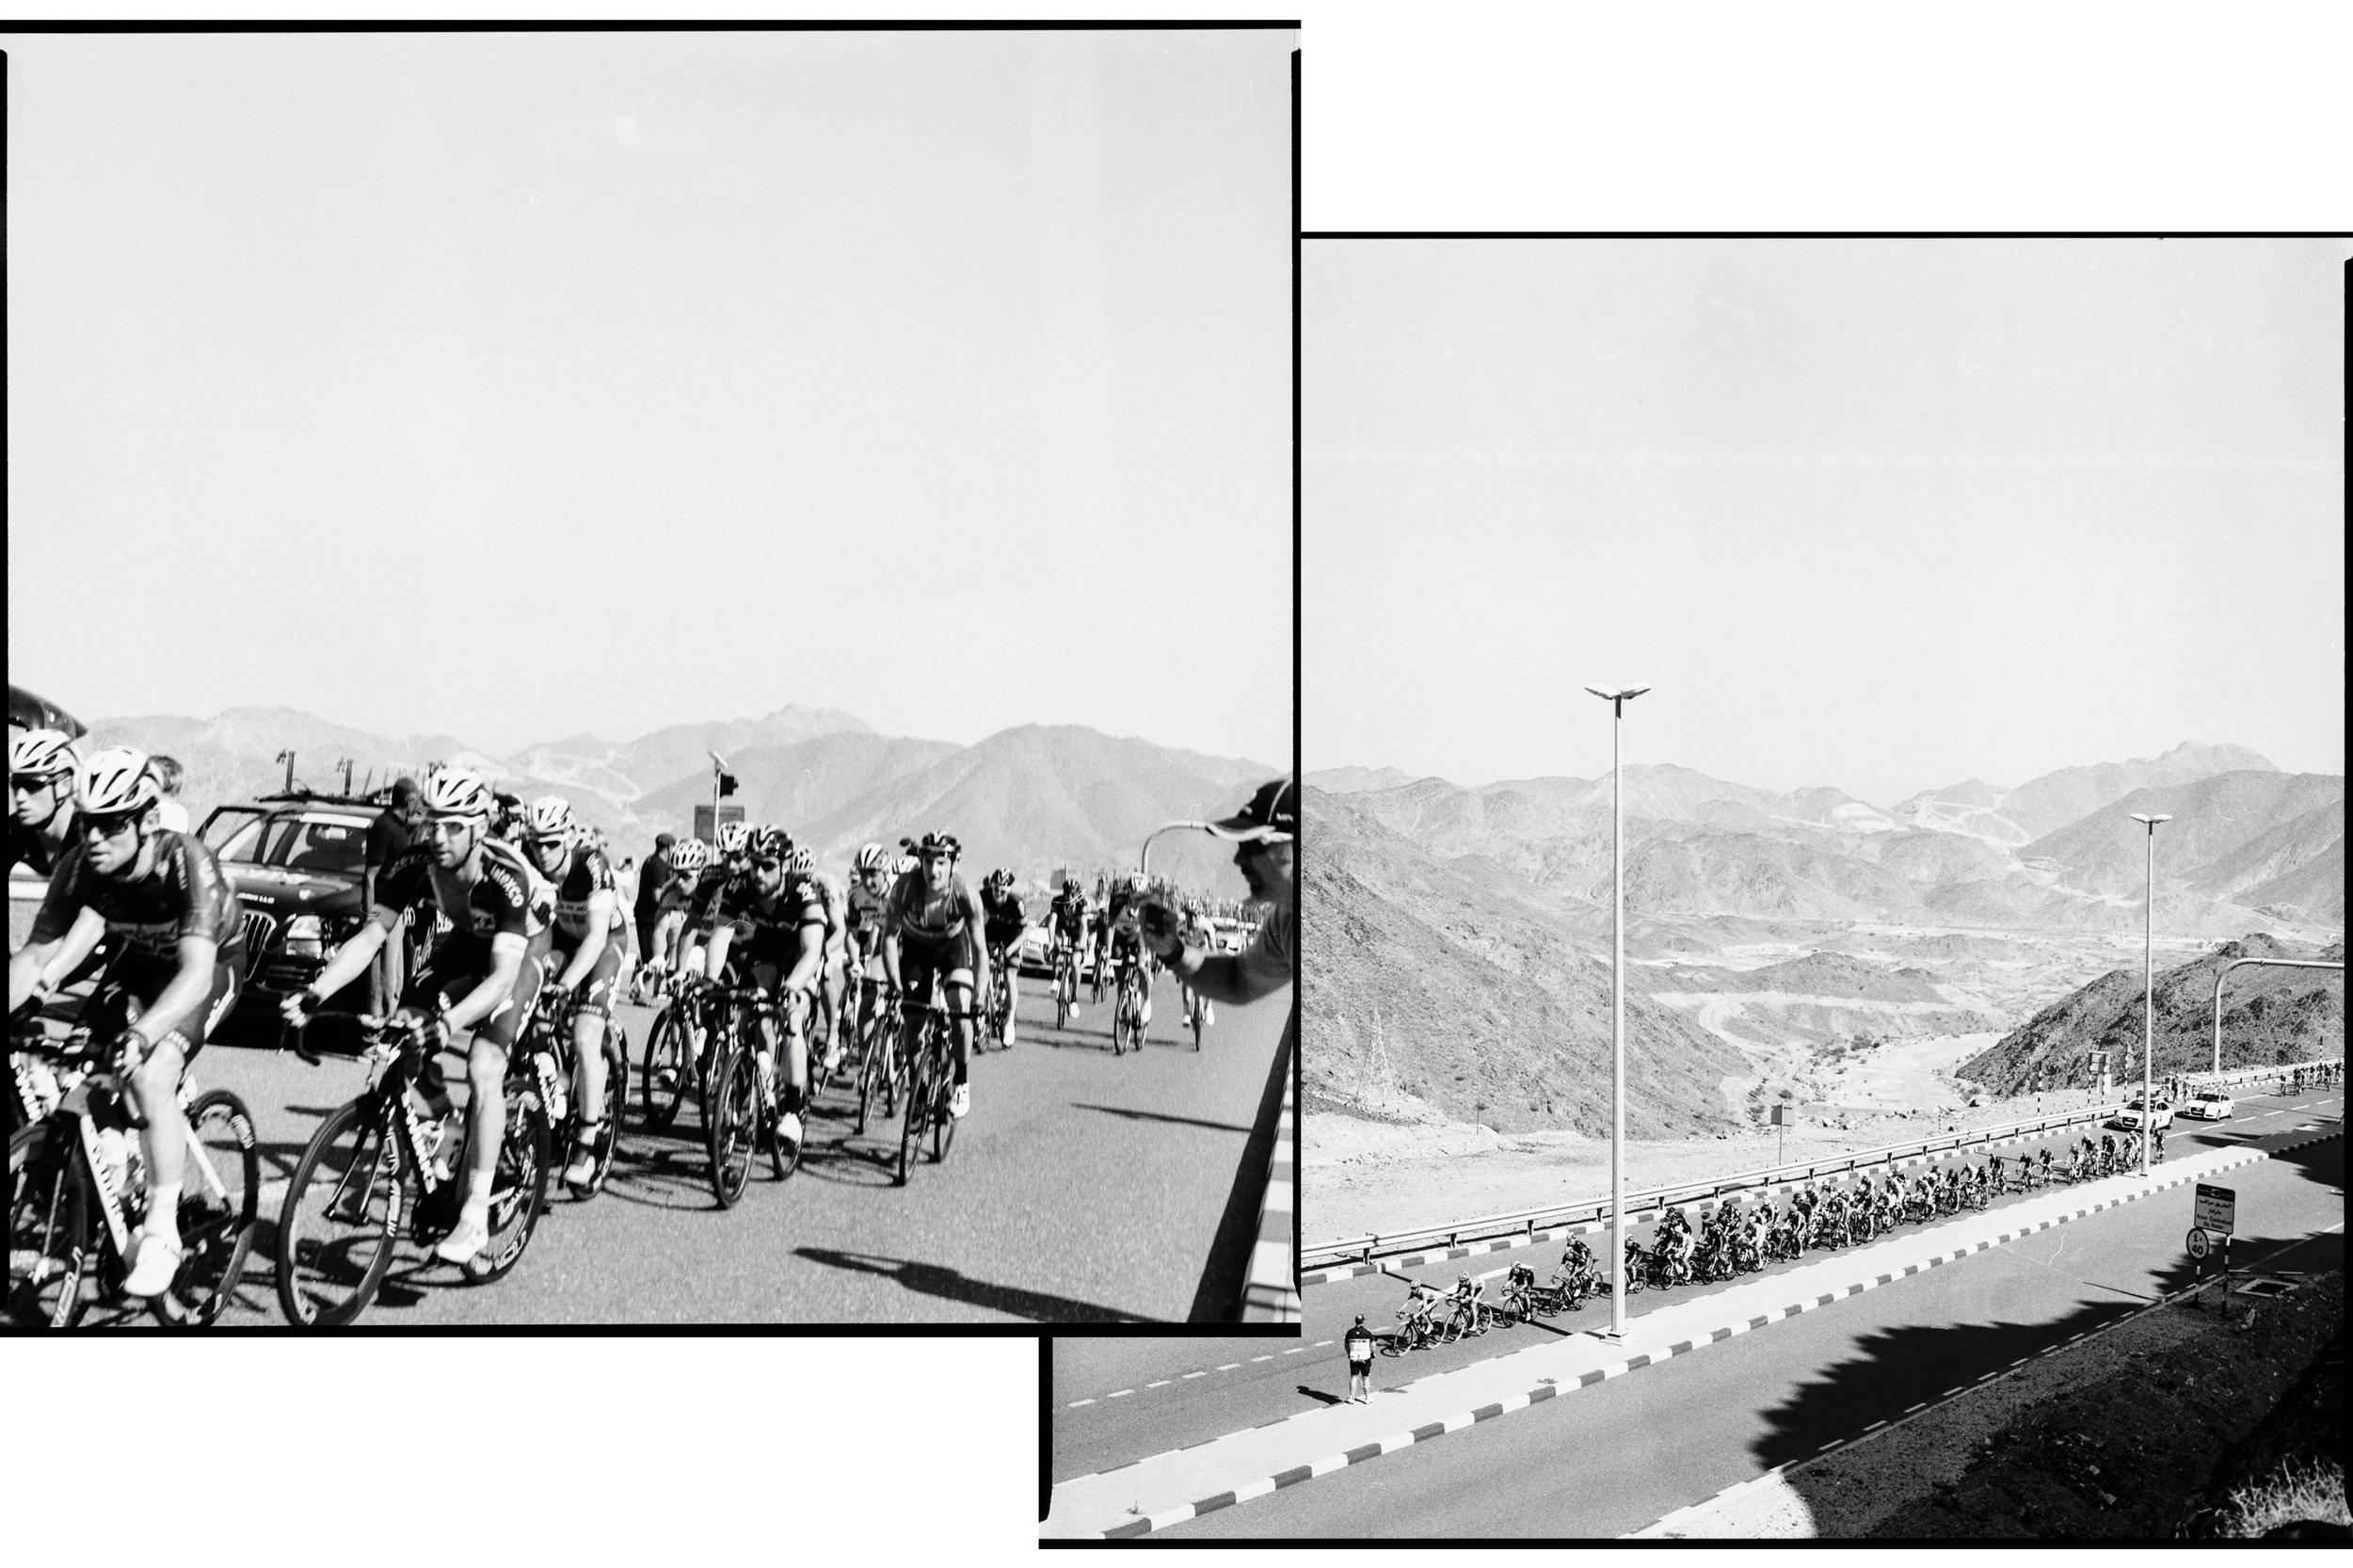 The 2015 Dubai Tour passes through Hatta.